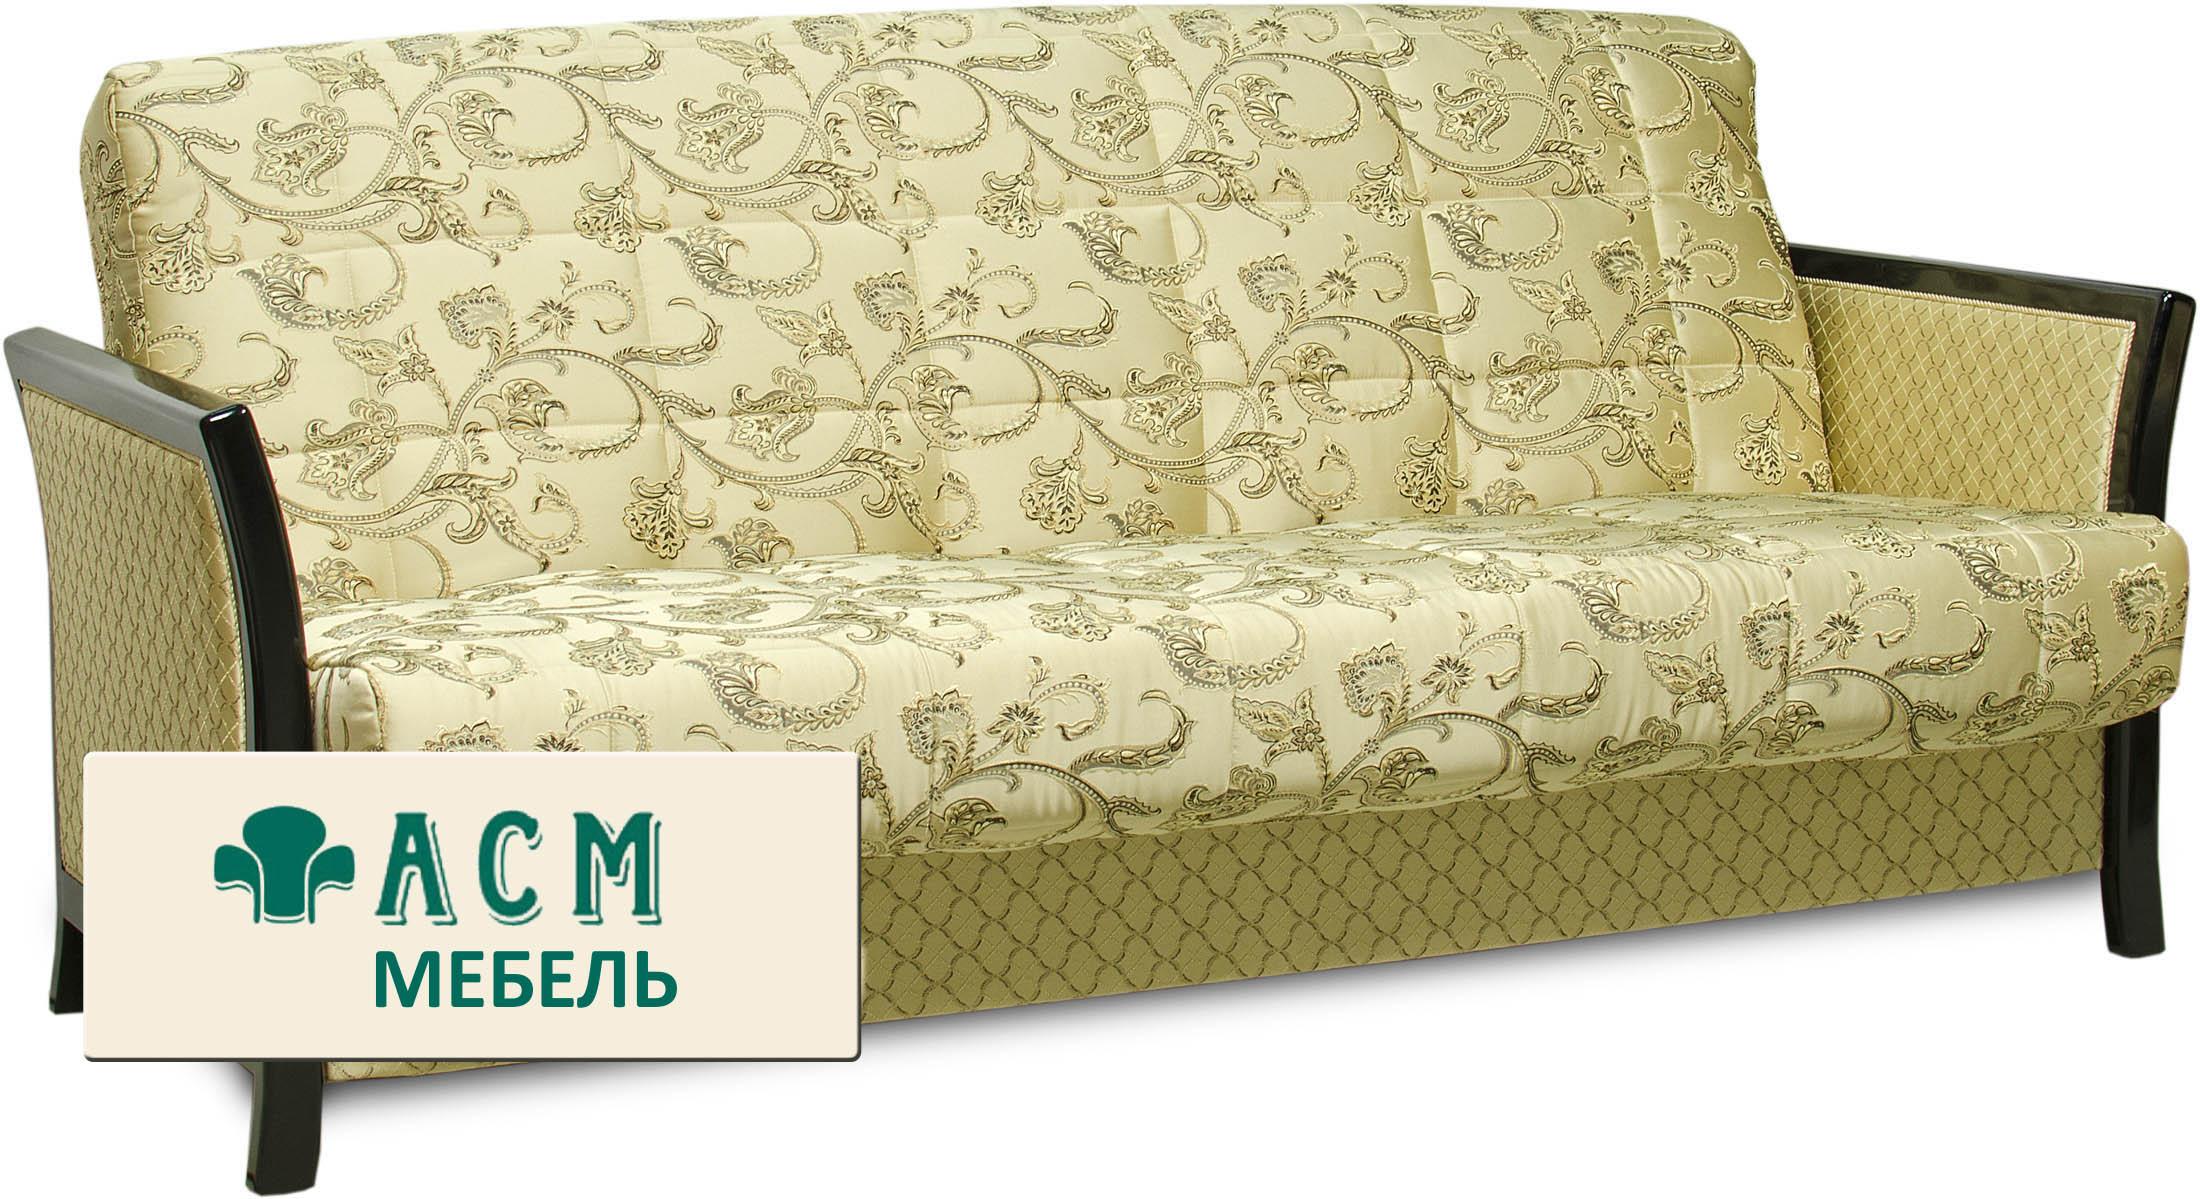 Асм мебель диваны в  Москве